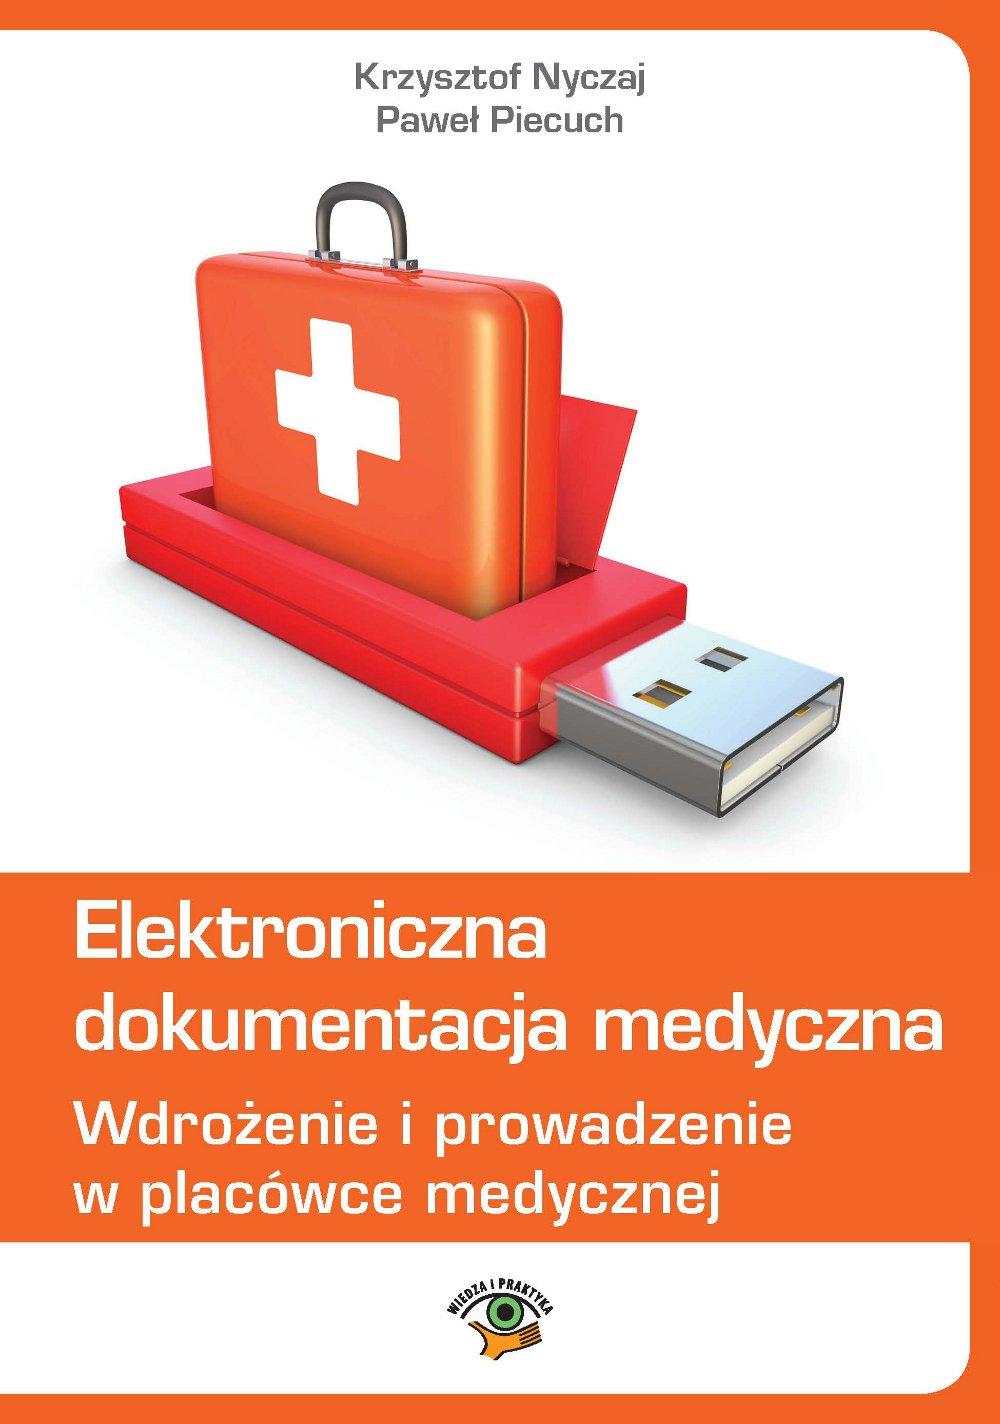 Elektroniczna dokumentacja medyczna. Wdrożenie i prowadzenie w placówce medycznej (wydanie trzecie zaktualizowane) - Ebook (Książka PDF) do pobrania w formacie PDF